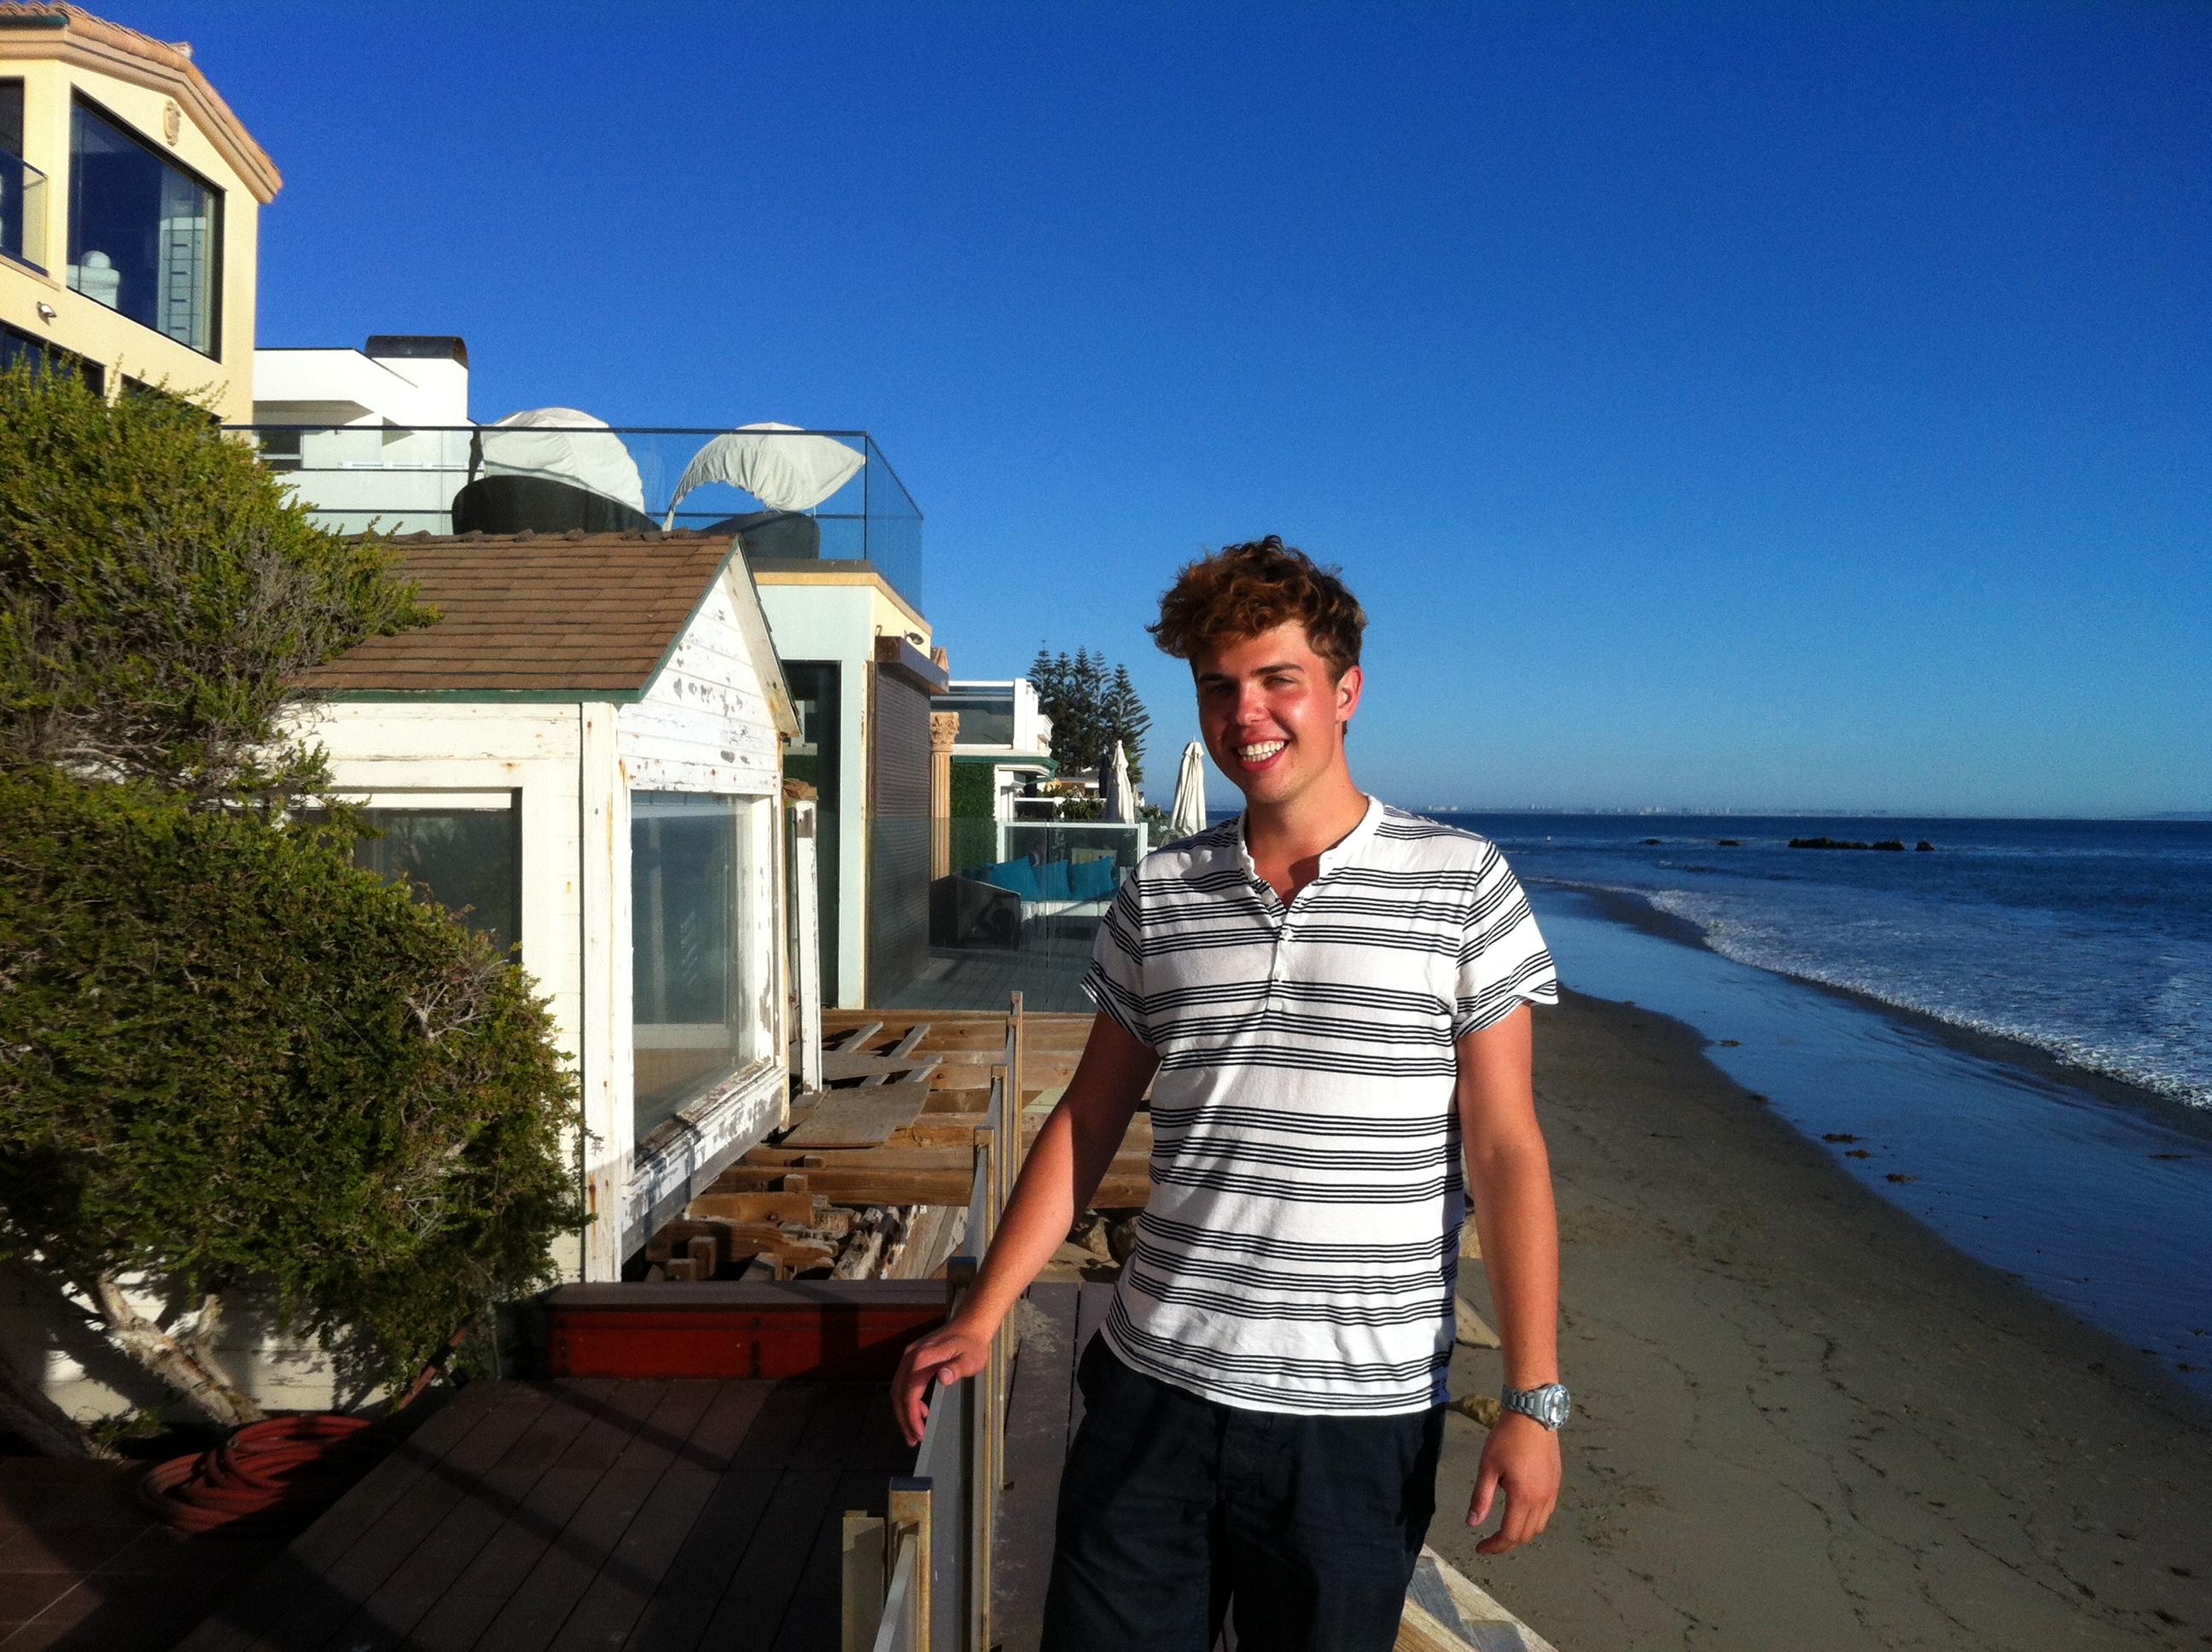 Vilket underbart ställe. Tydligen så ska Tom Hanks ha ett sommarhus på denna strand. Så avundsjuk.